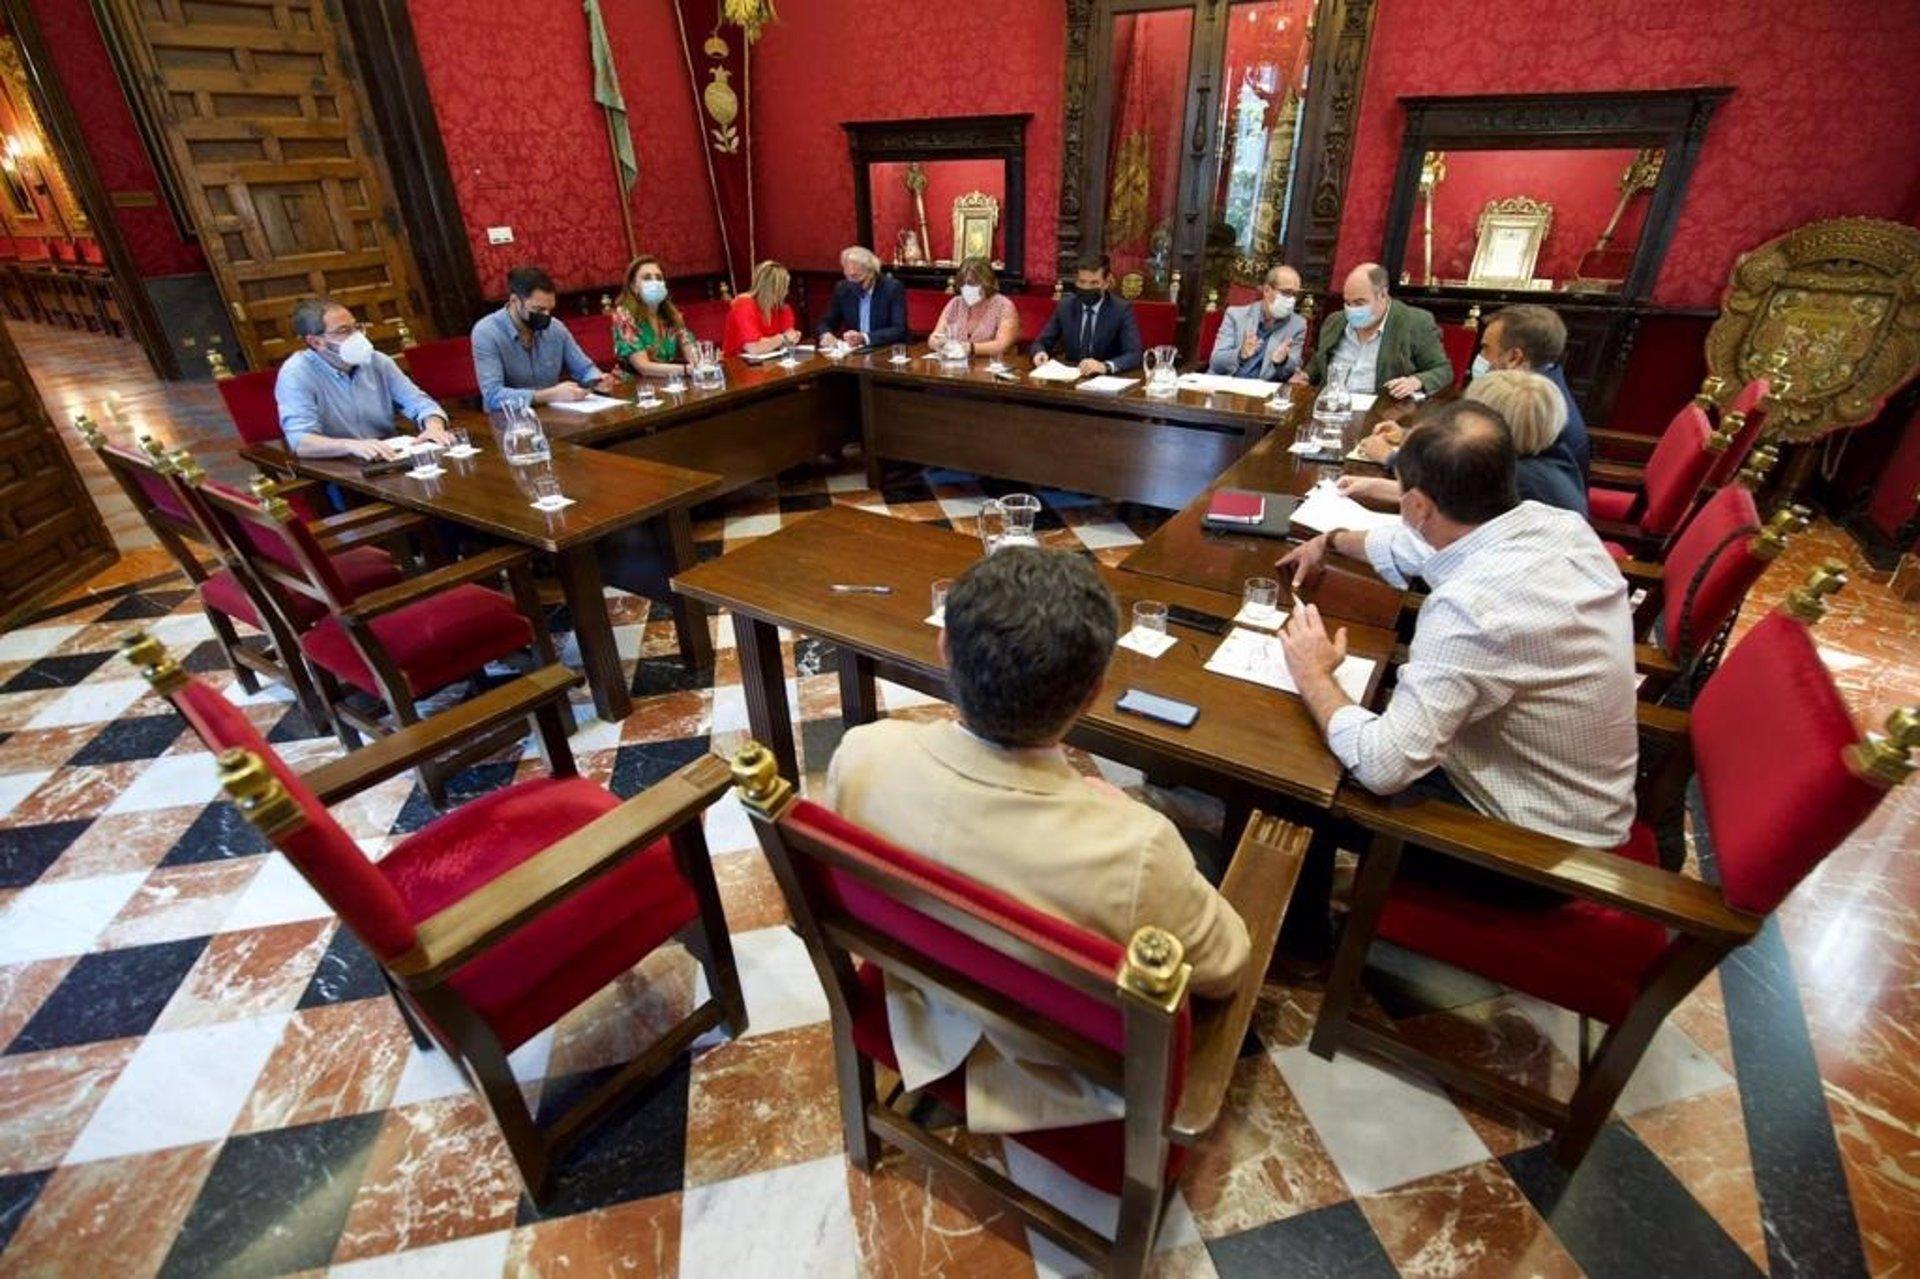 La Junta de Gobierno Local aprueba el pago de más de siete millones de euros «a pequeñas y mediana empresas»